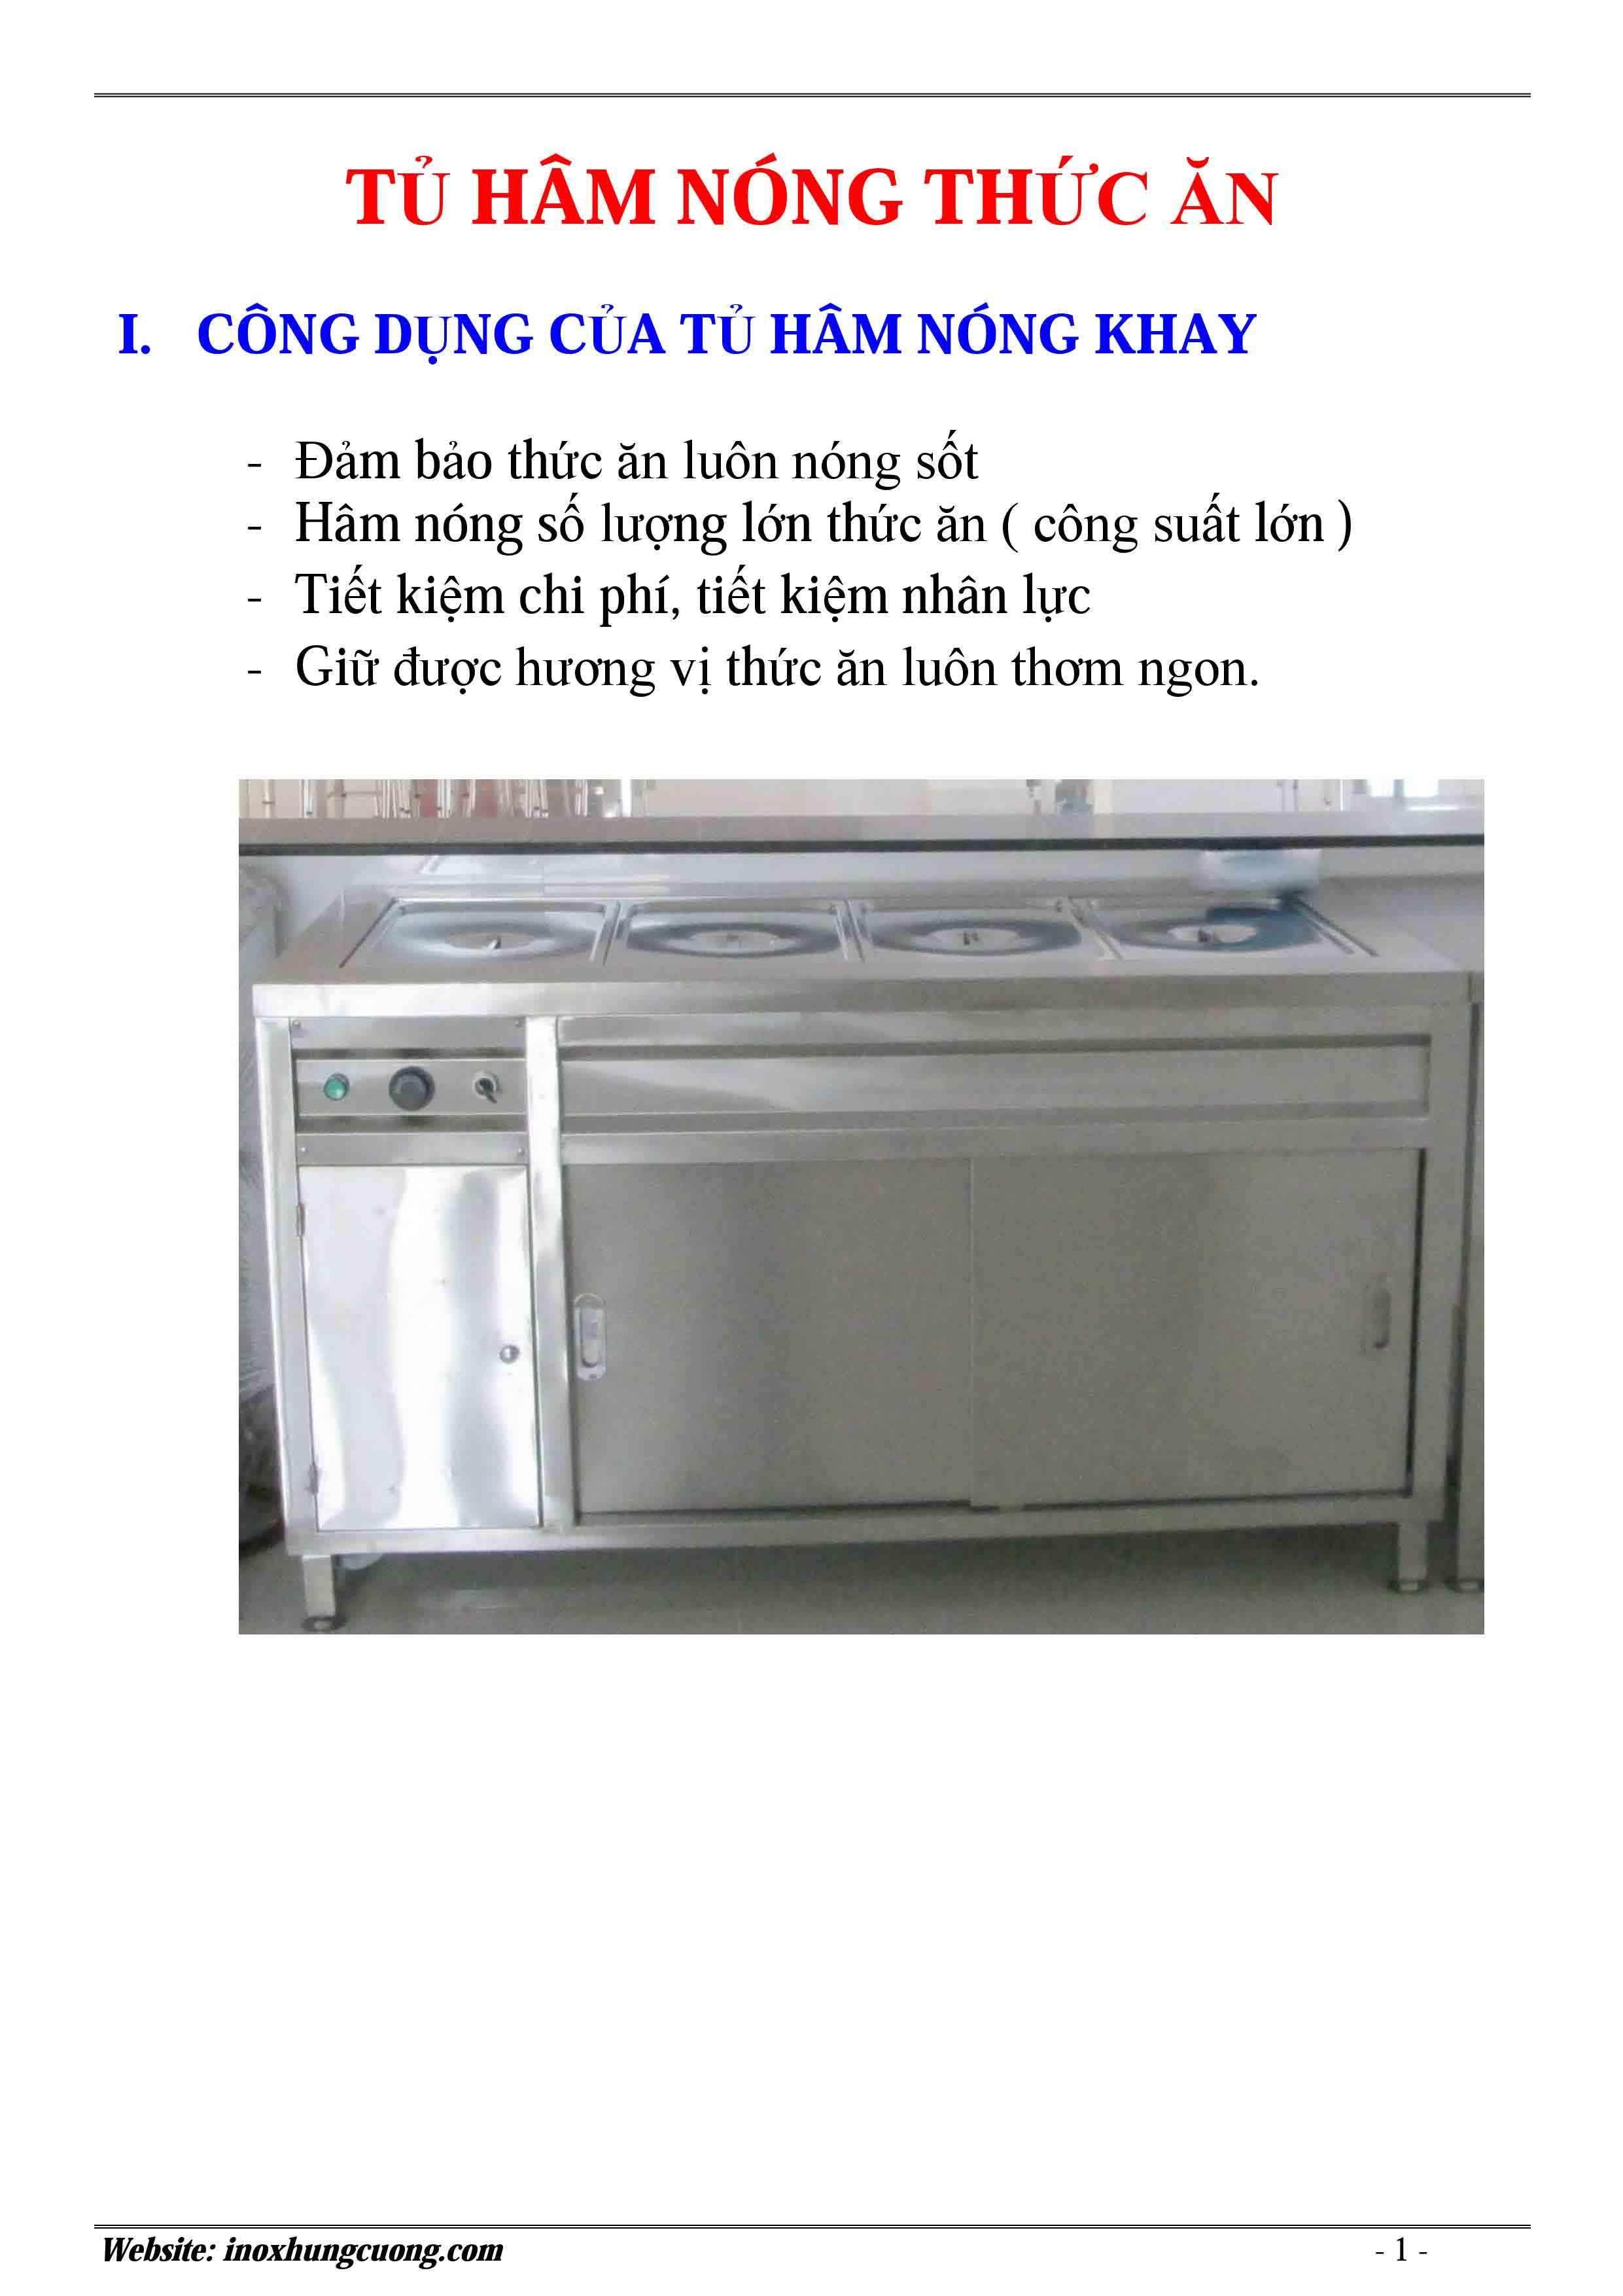 Tủ hâm nóng thức ăn 5 khay